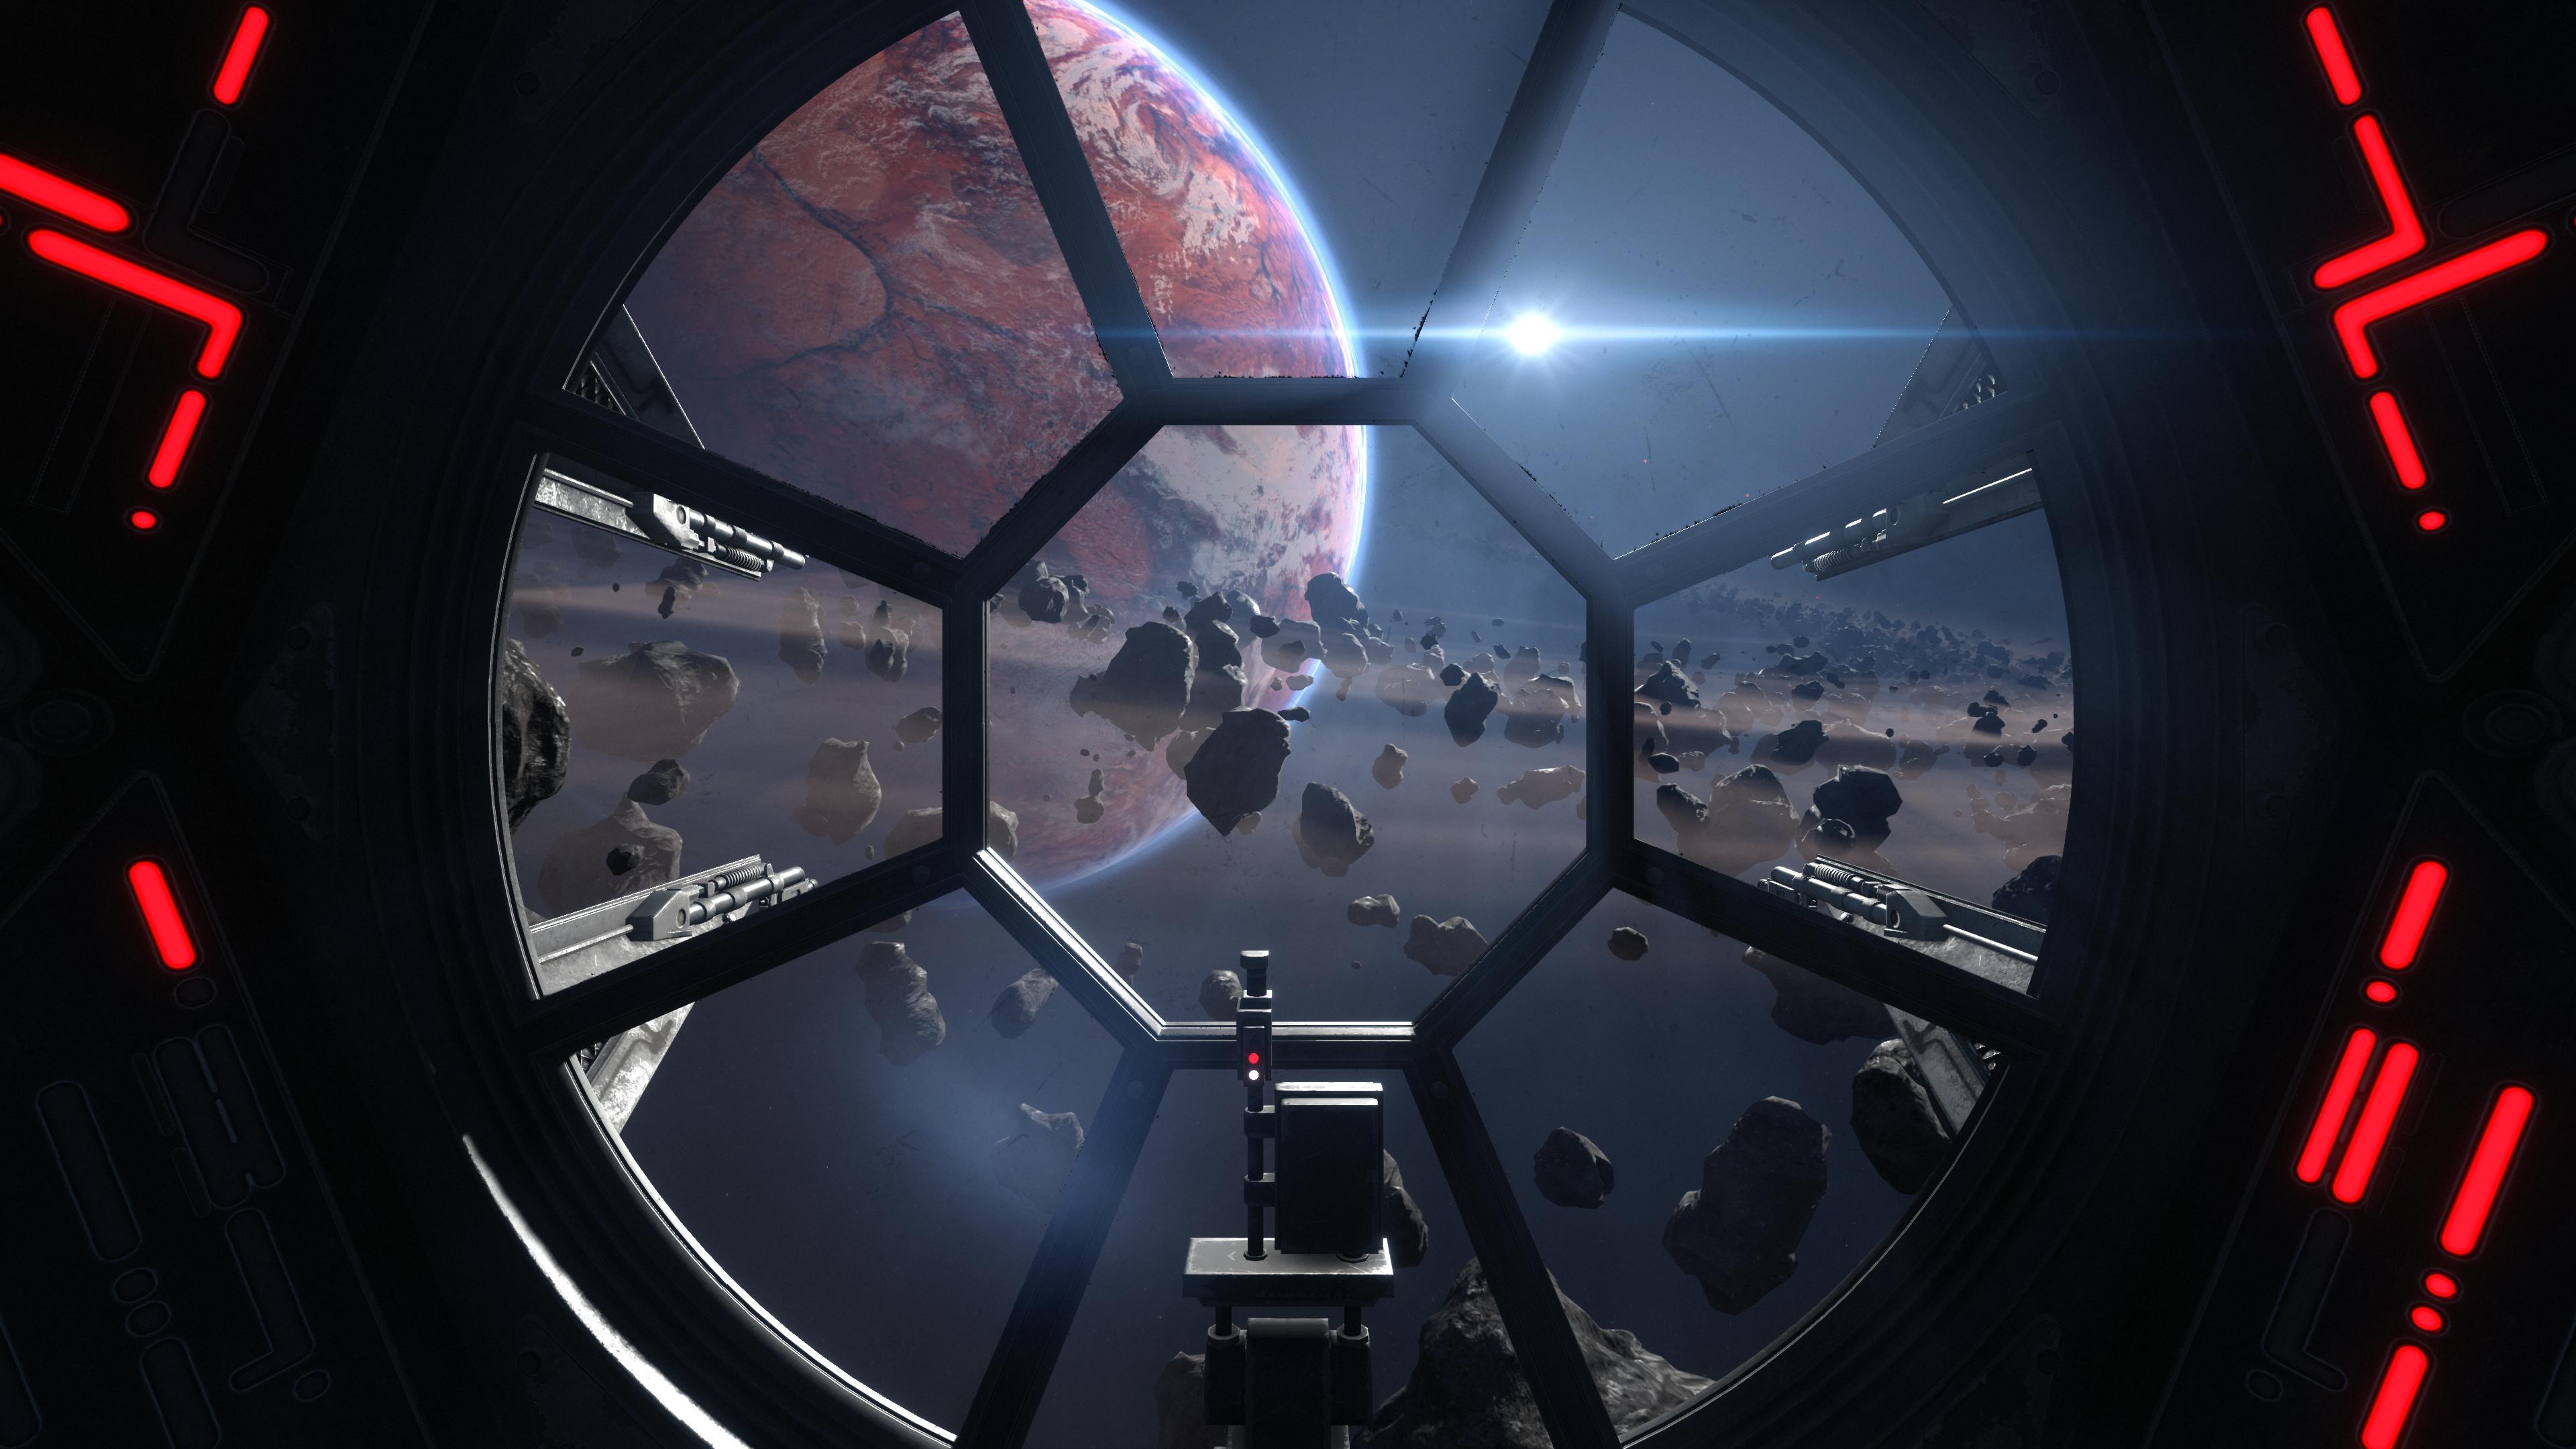 star wars scenery wallpaper